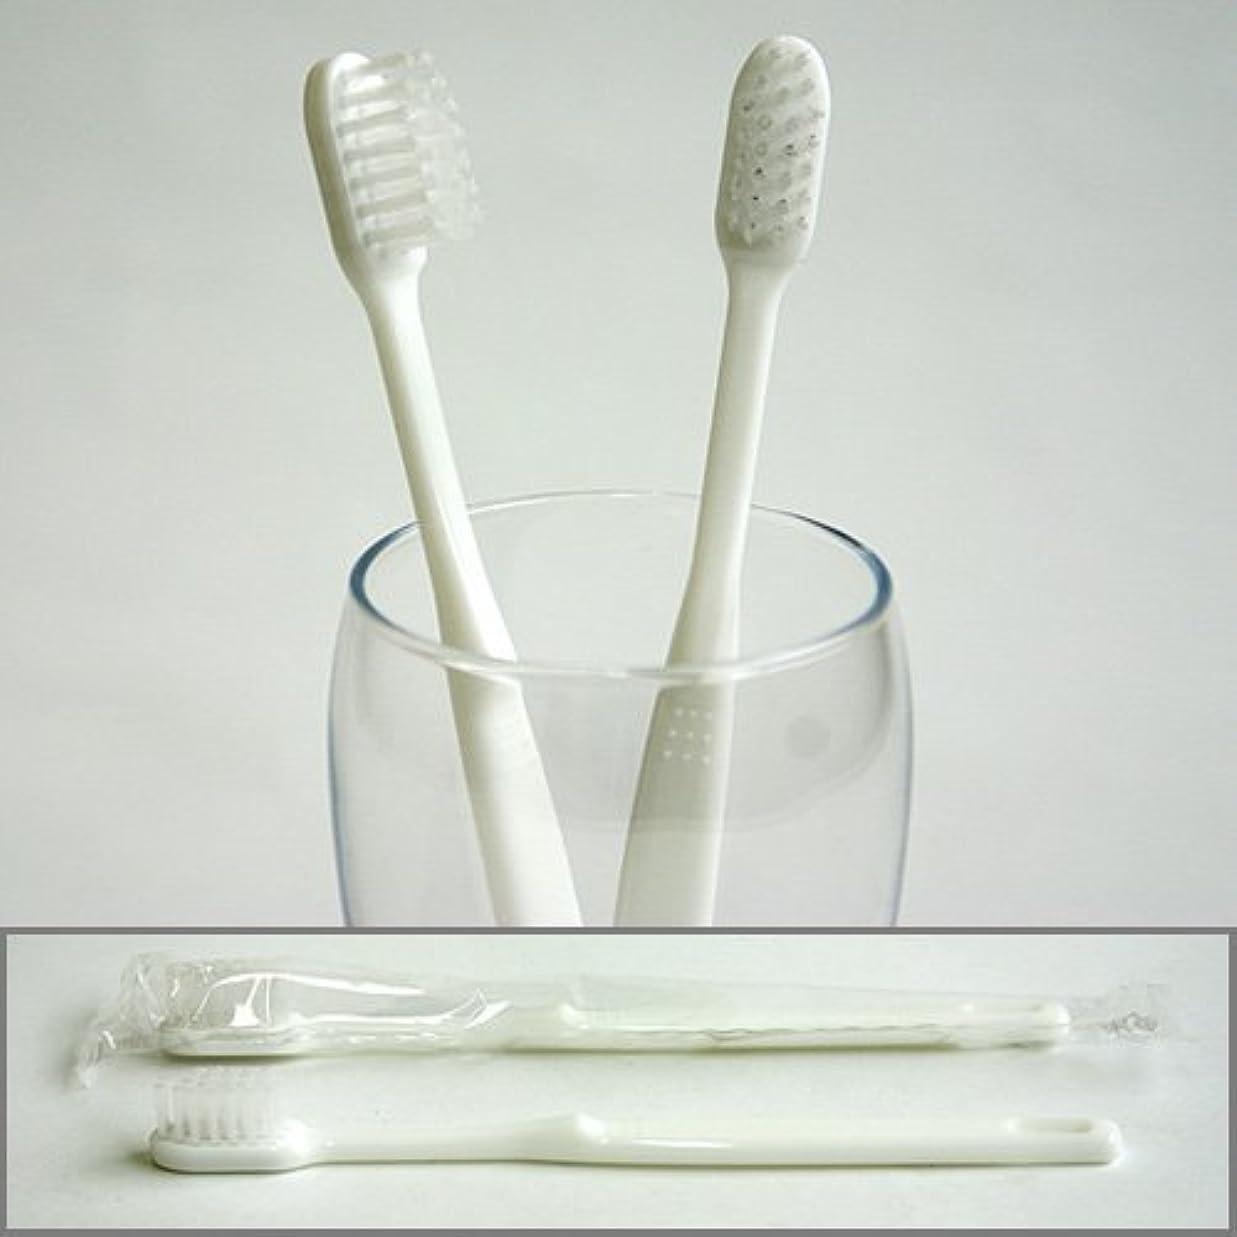 フォロー拮抗苦情文句業務用使い捨て歯ブラシ(ハミガキ粉無し) 40本入り│口腔衛生用 清掃用 掃除用 工業用 ハブラシ はぶらし